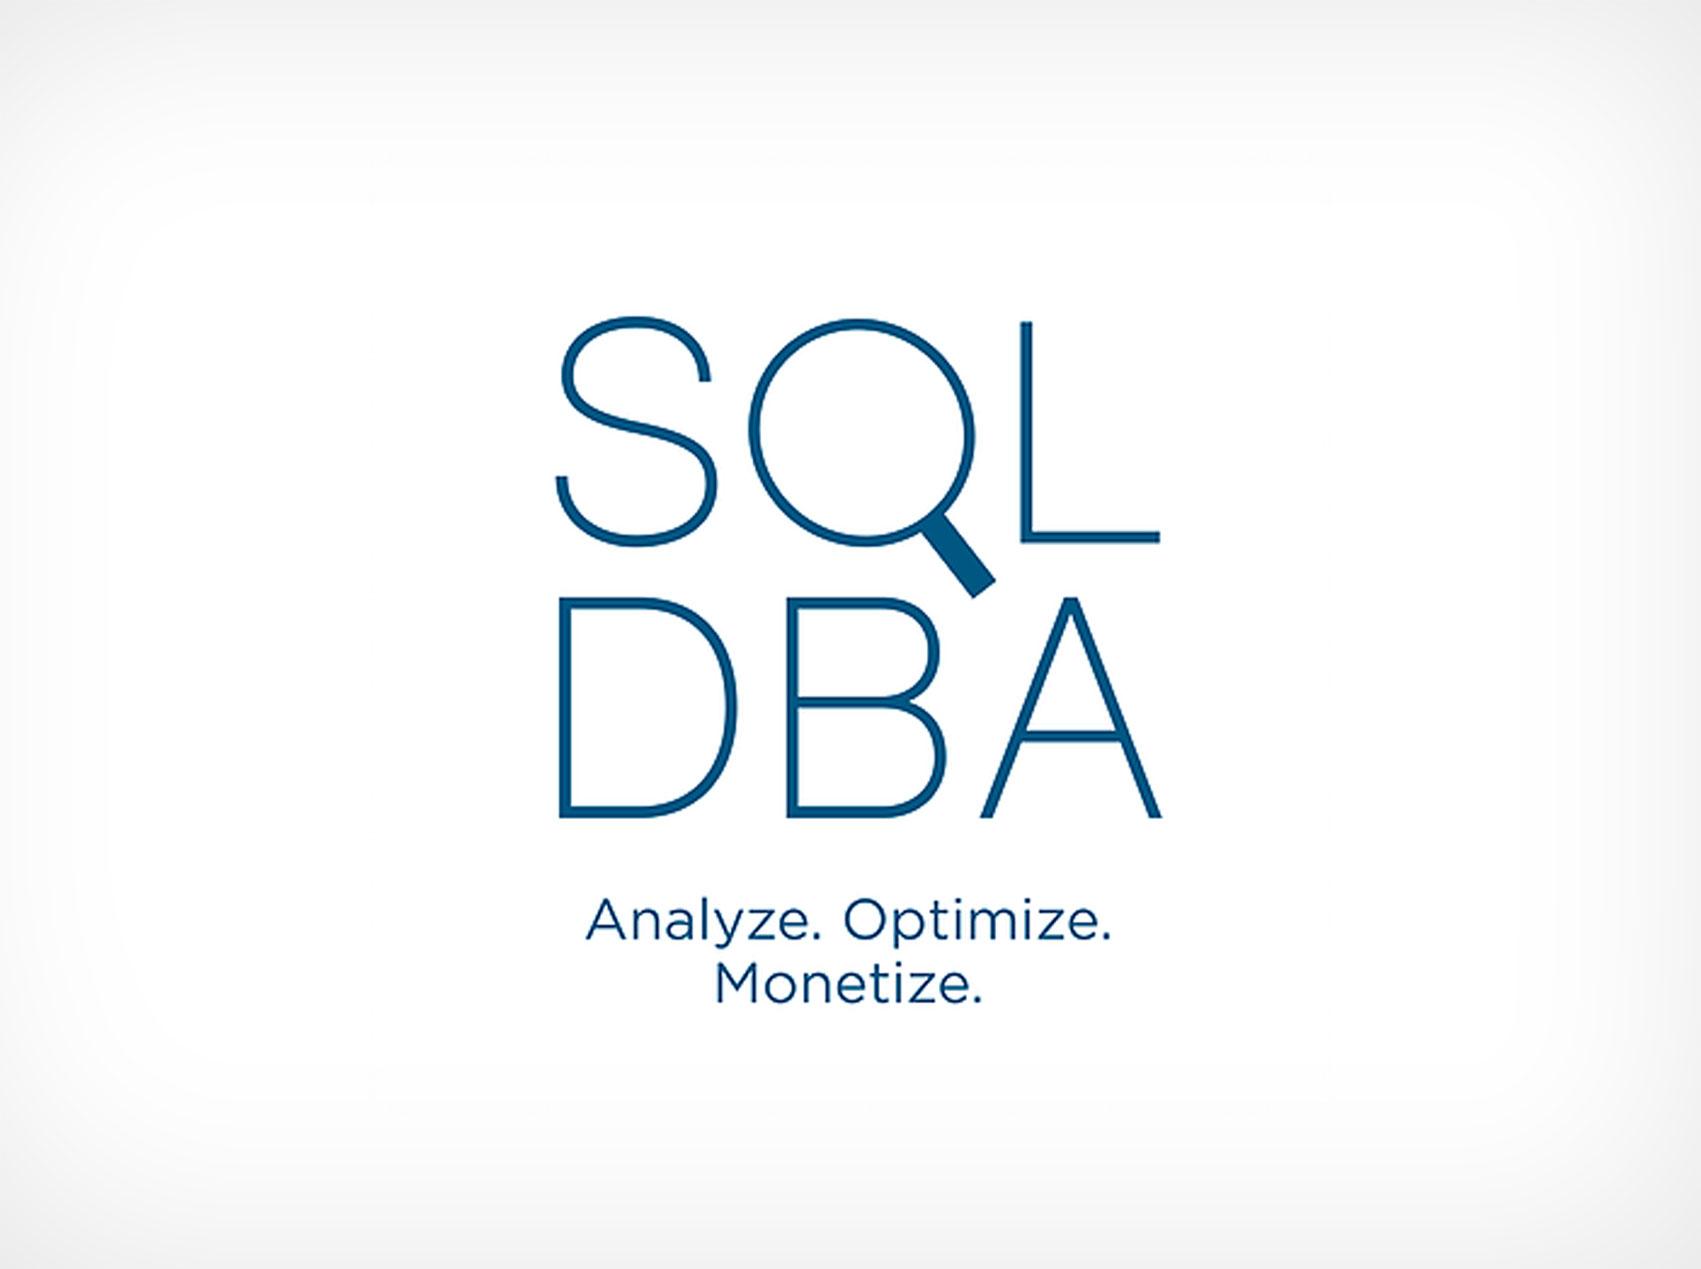 SQLDBA